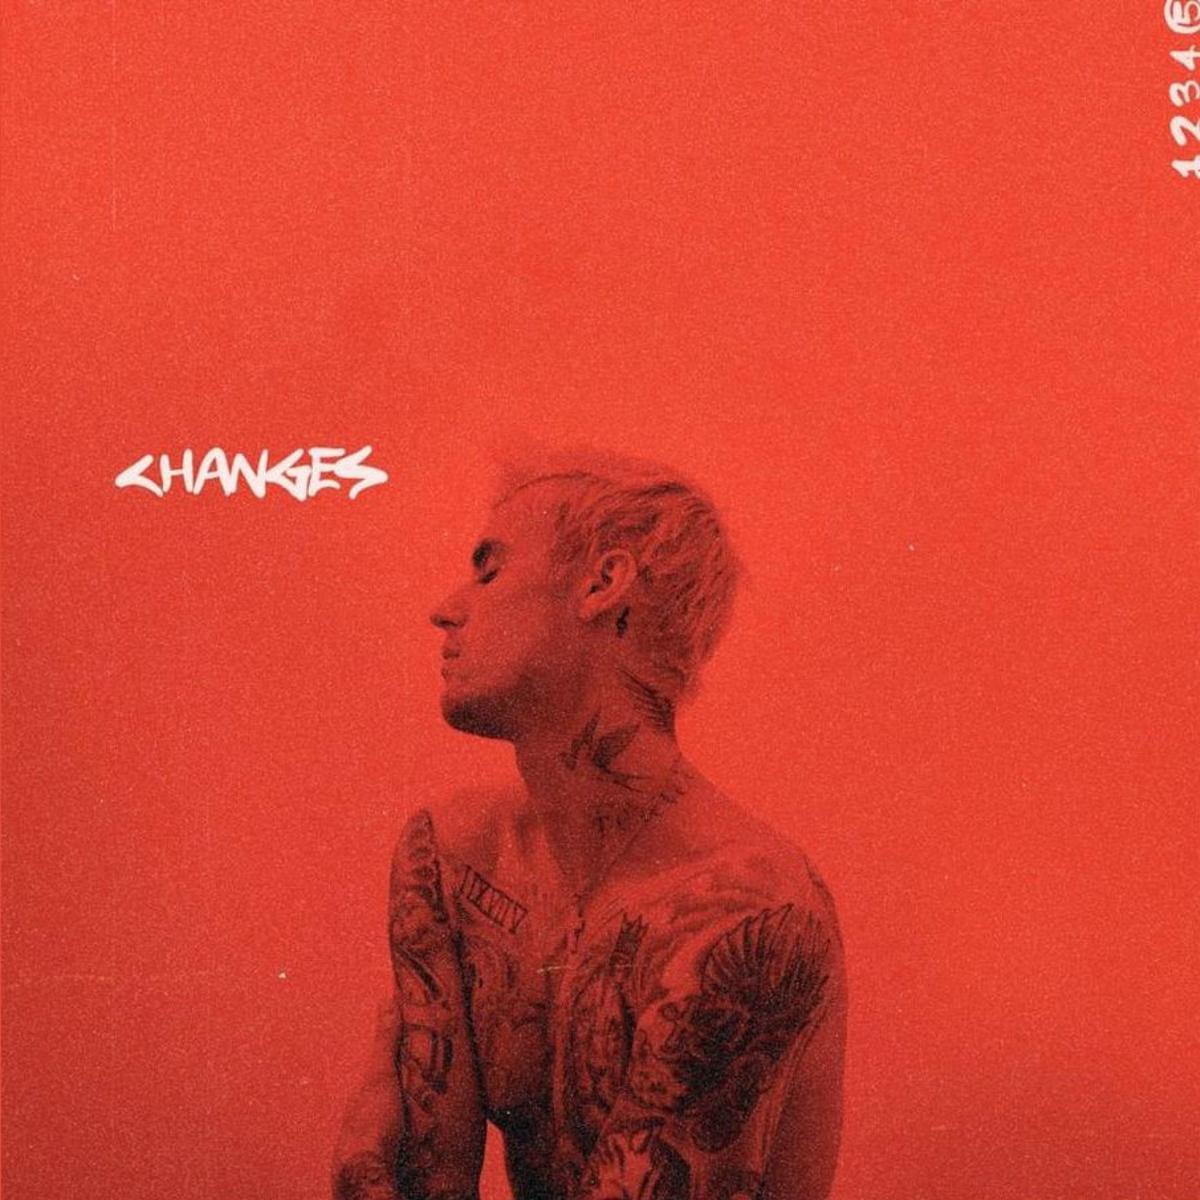 Justin Bieber - Changes Album